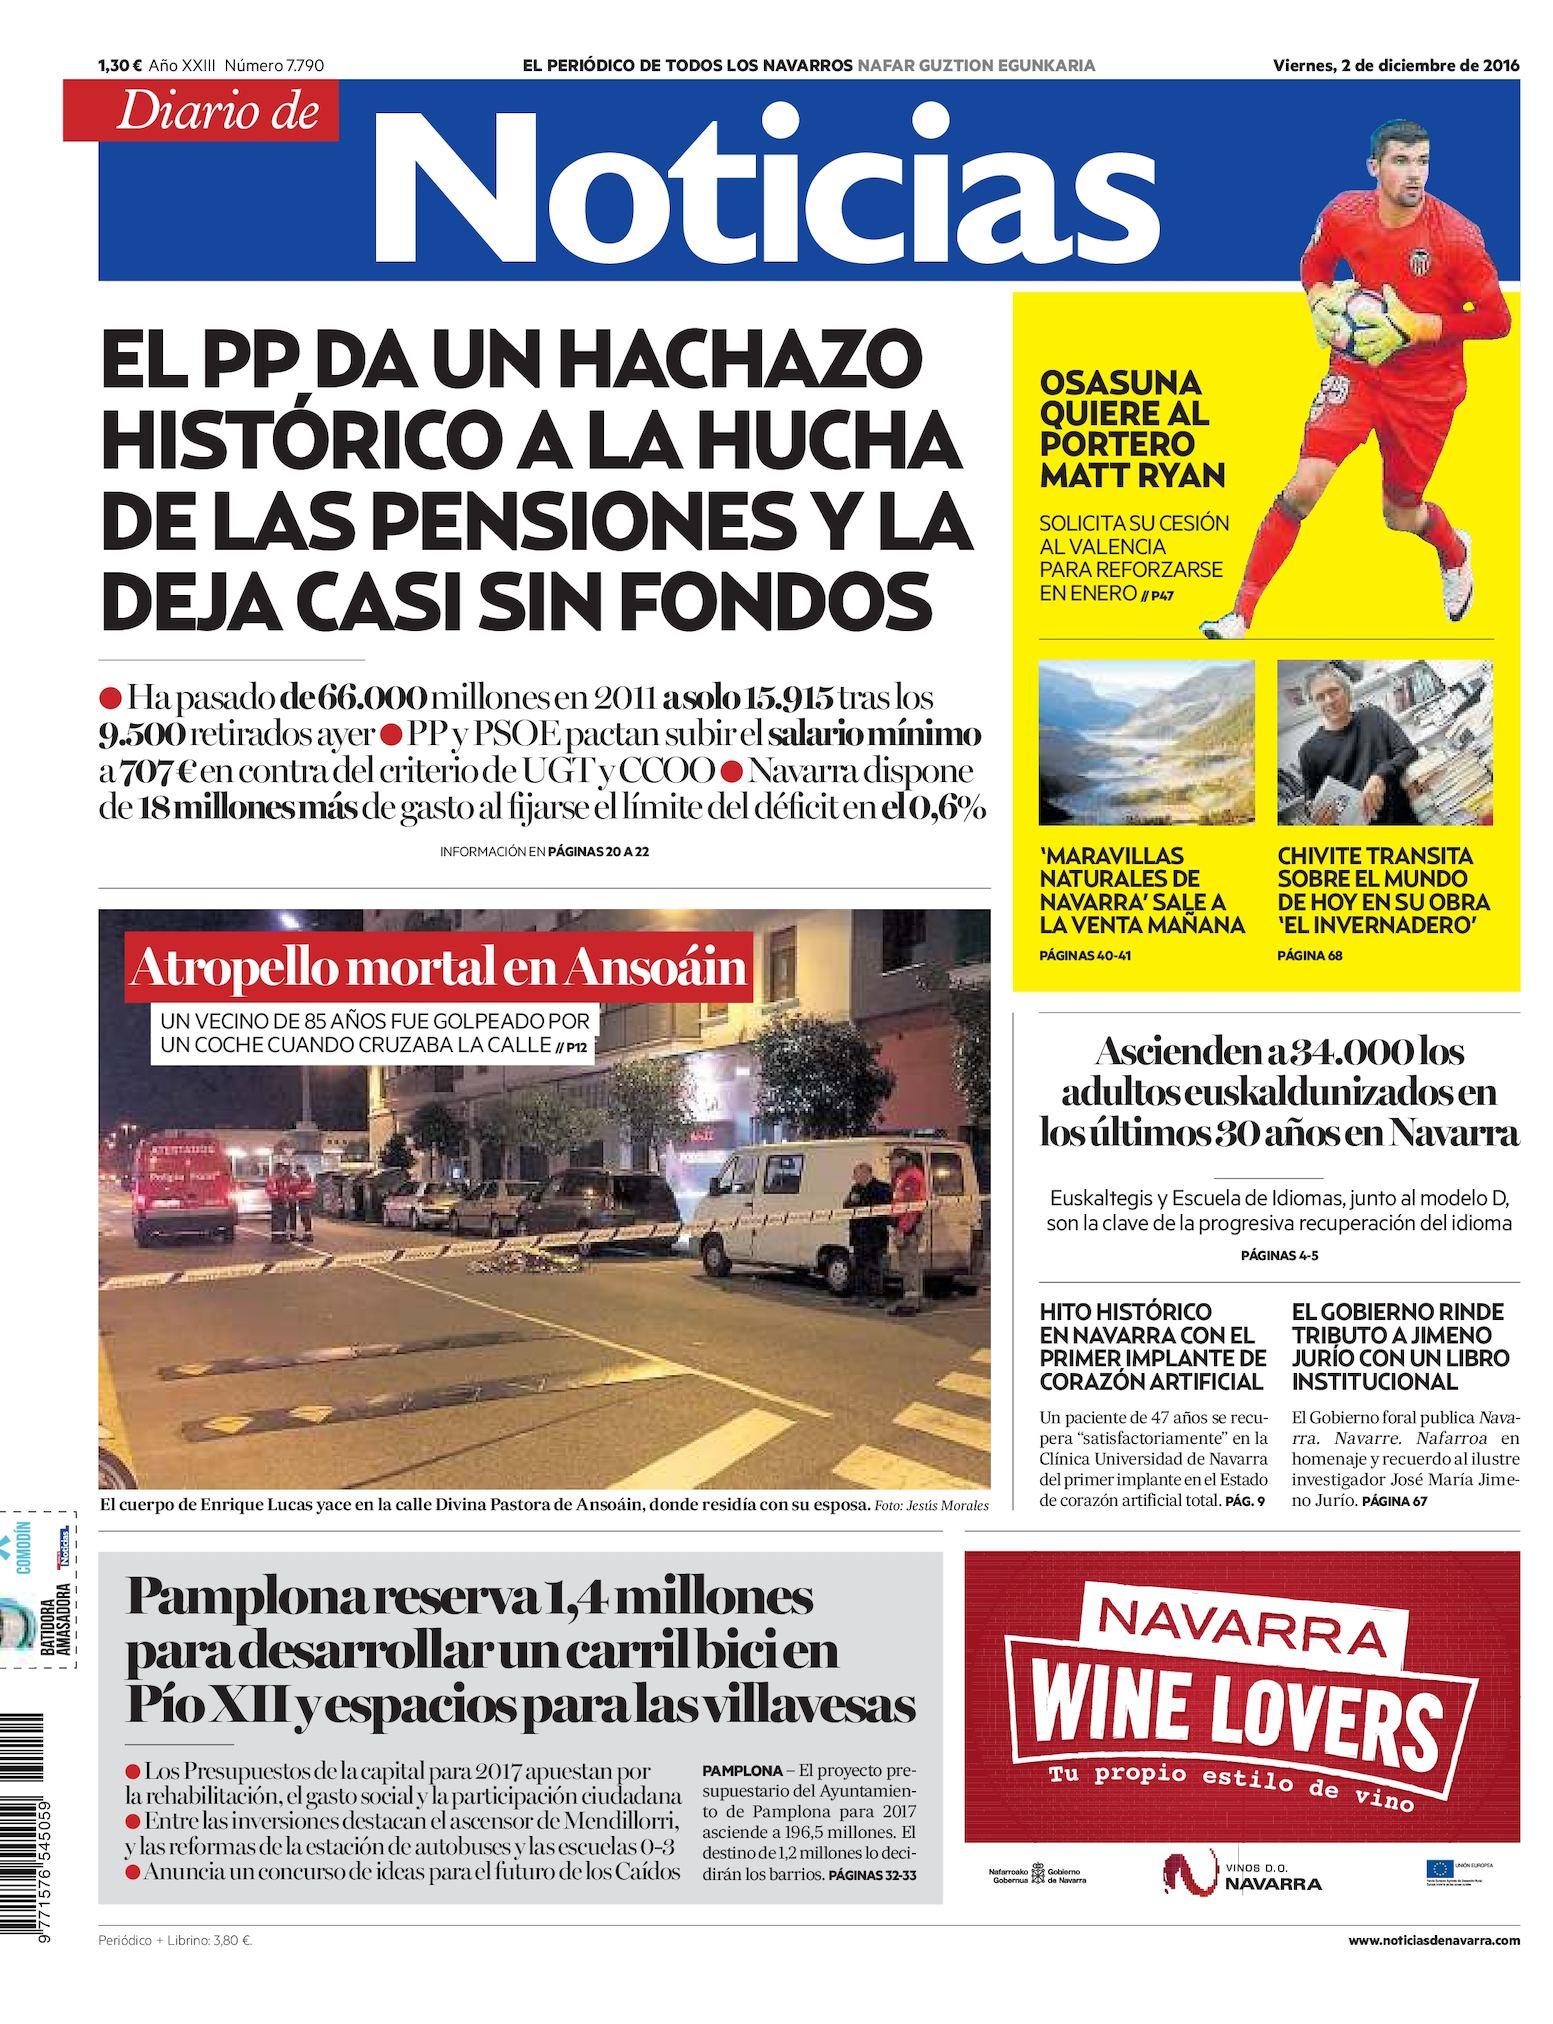 Calaméo - Diario de Noticias 20161202 05ae31fa6dd31